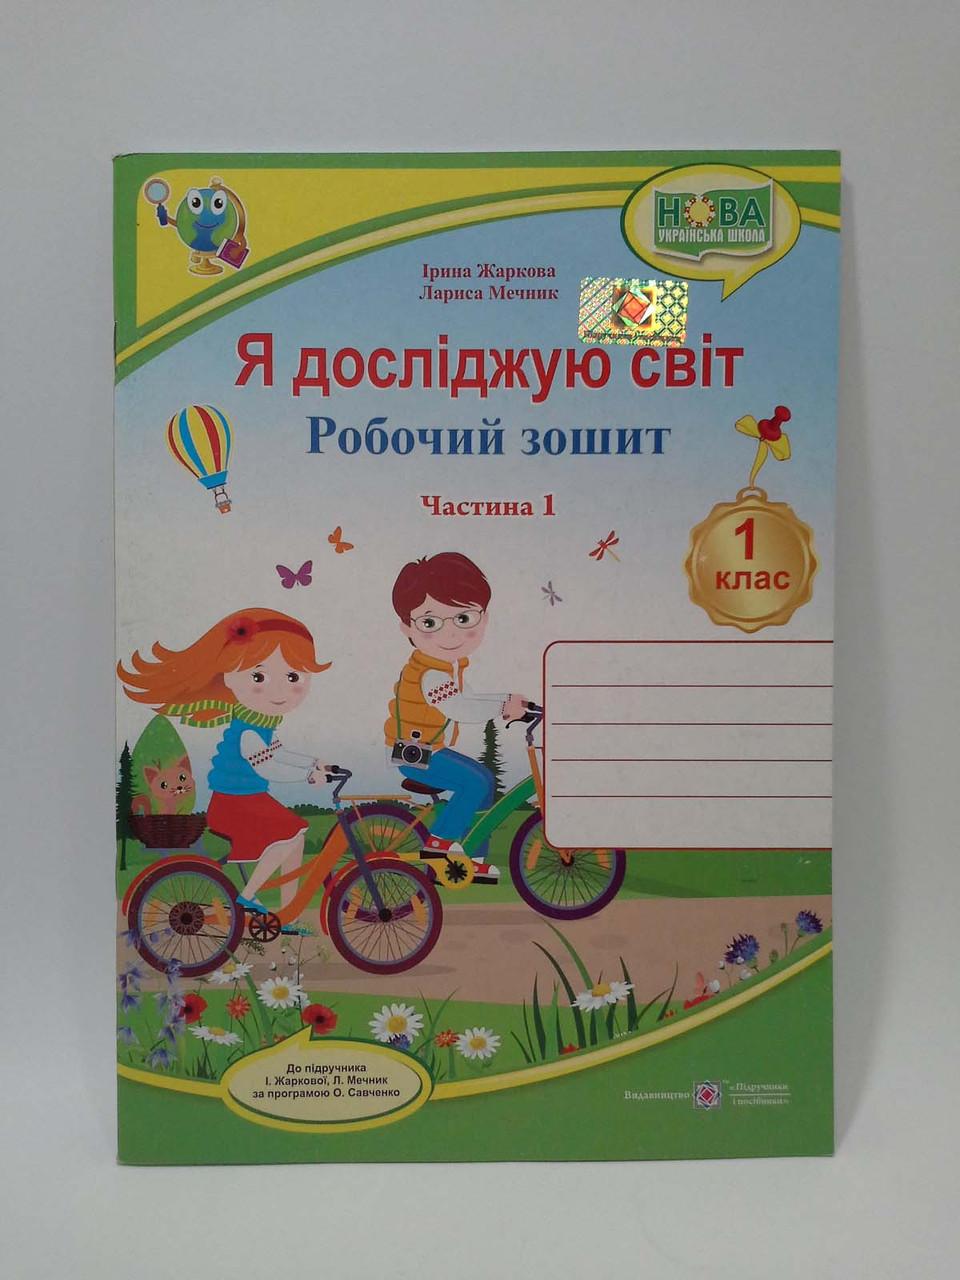 001 кл НУШ Уч ПіП РЗ Я досліджую світ 001 кл Ч1 (до Жаркова) Жаркова Мечник (Велосипедисти)